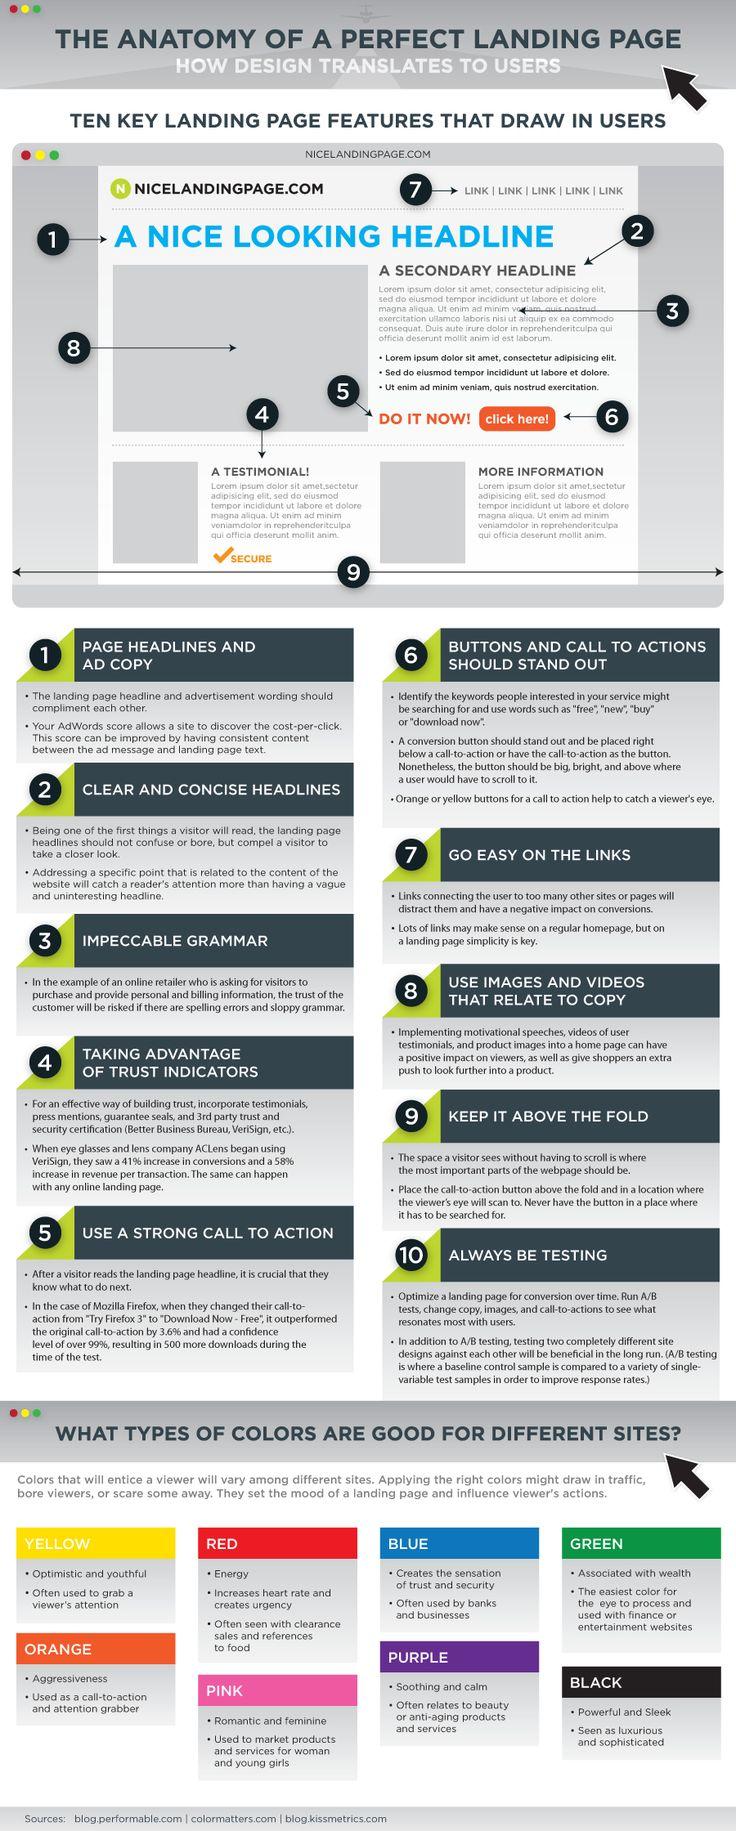 Anatomia de una página LandingPage que pudiera ser muy efectiva para tú negocio. (Viene publicada en marketingdirecto)